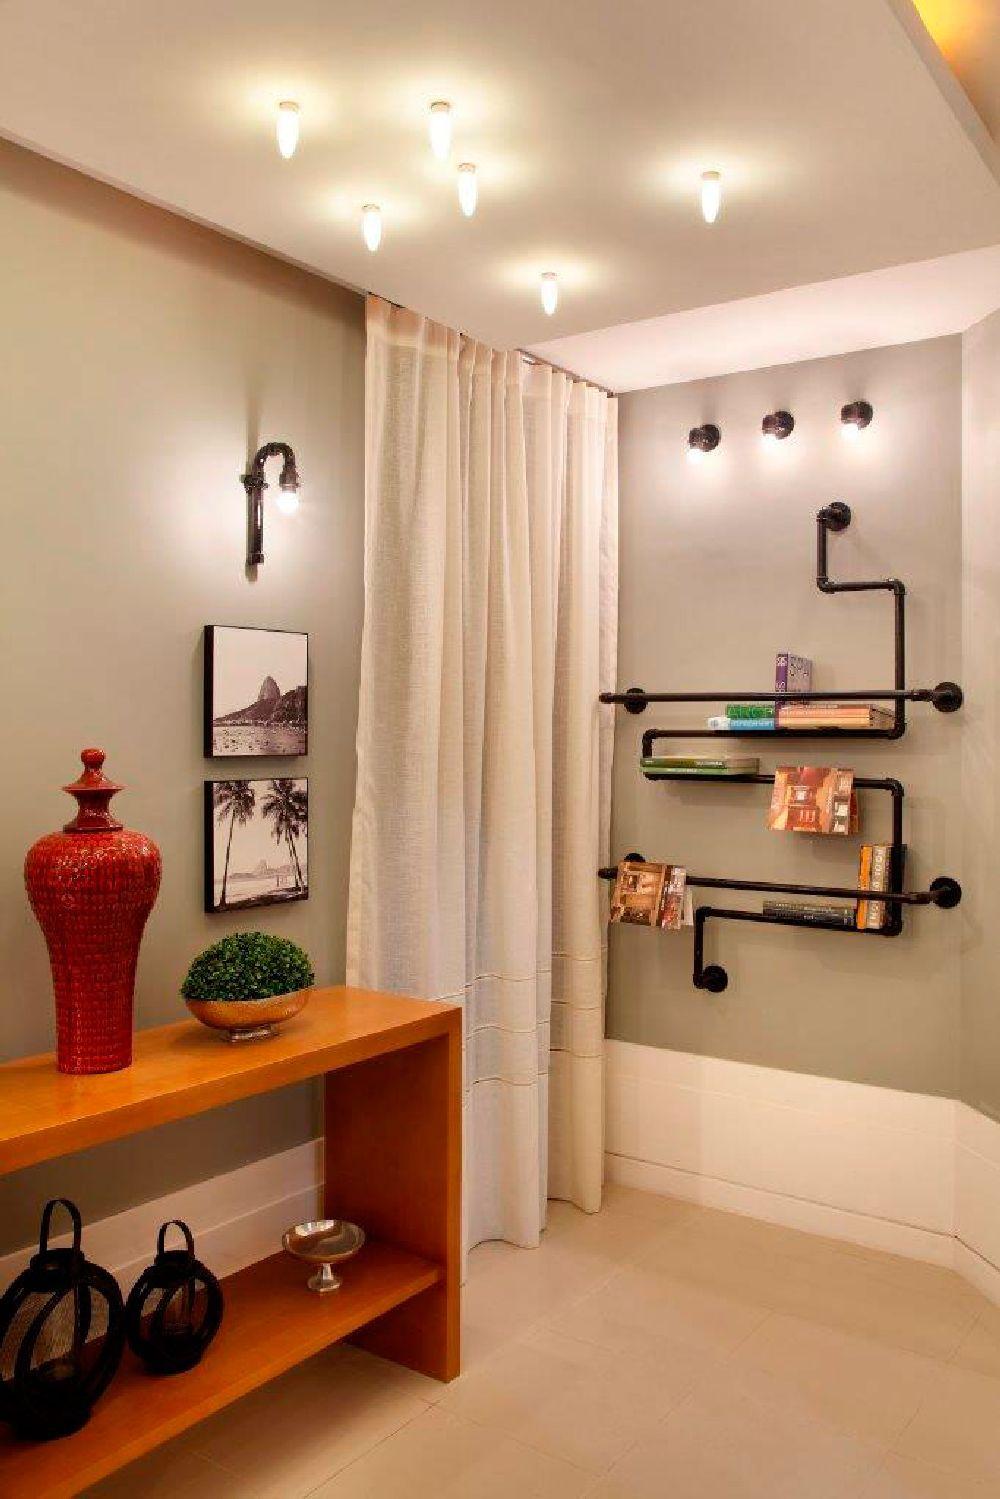 adelaparvu.com despre design interior, Designer Paula Muller, Foto Mais por menos Rio 2014